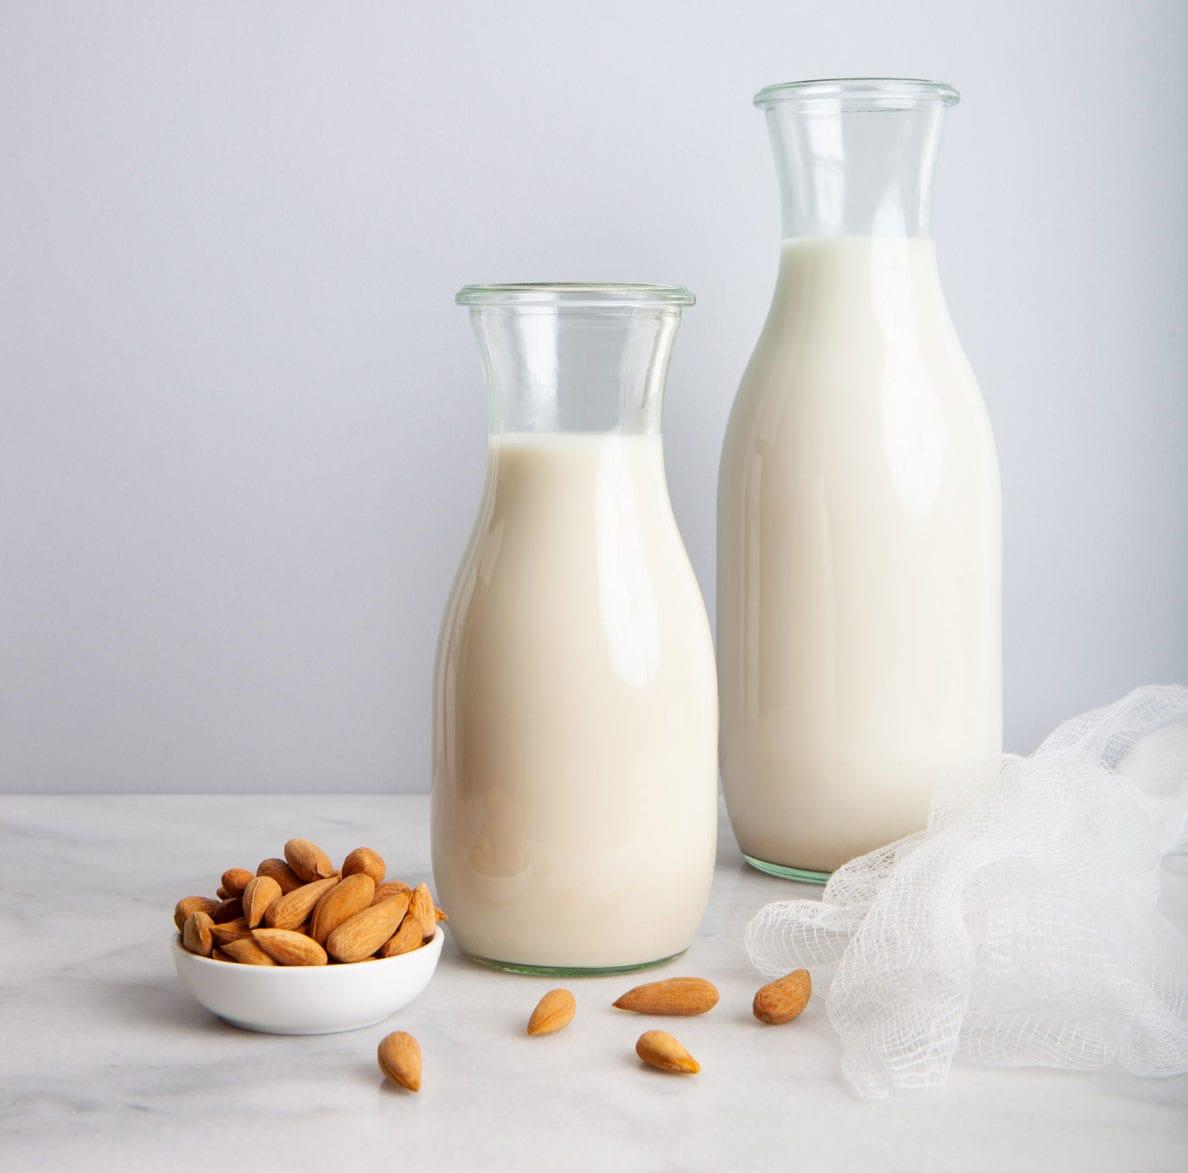 almond mylk ziba foods